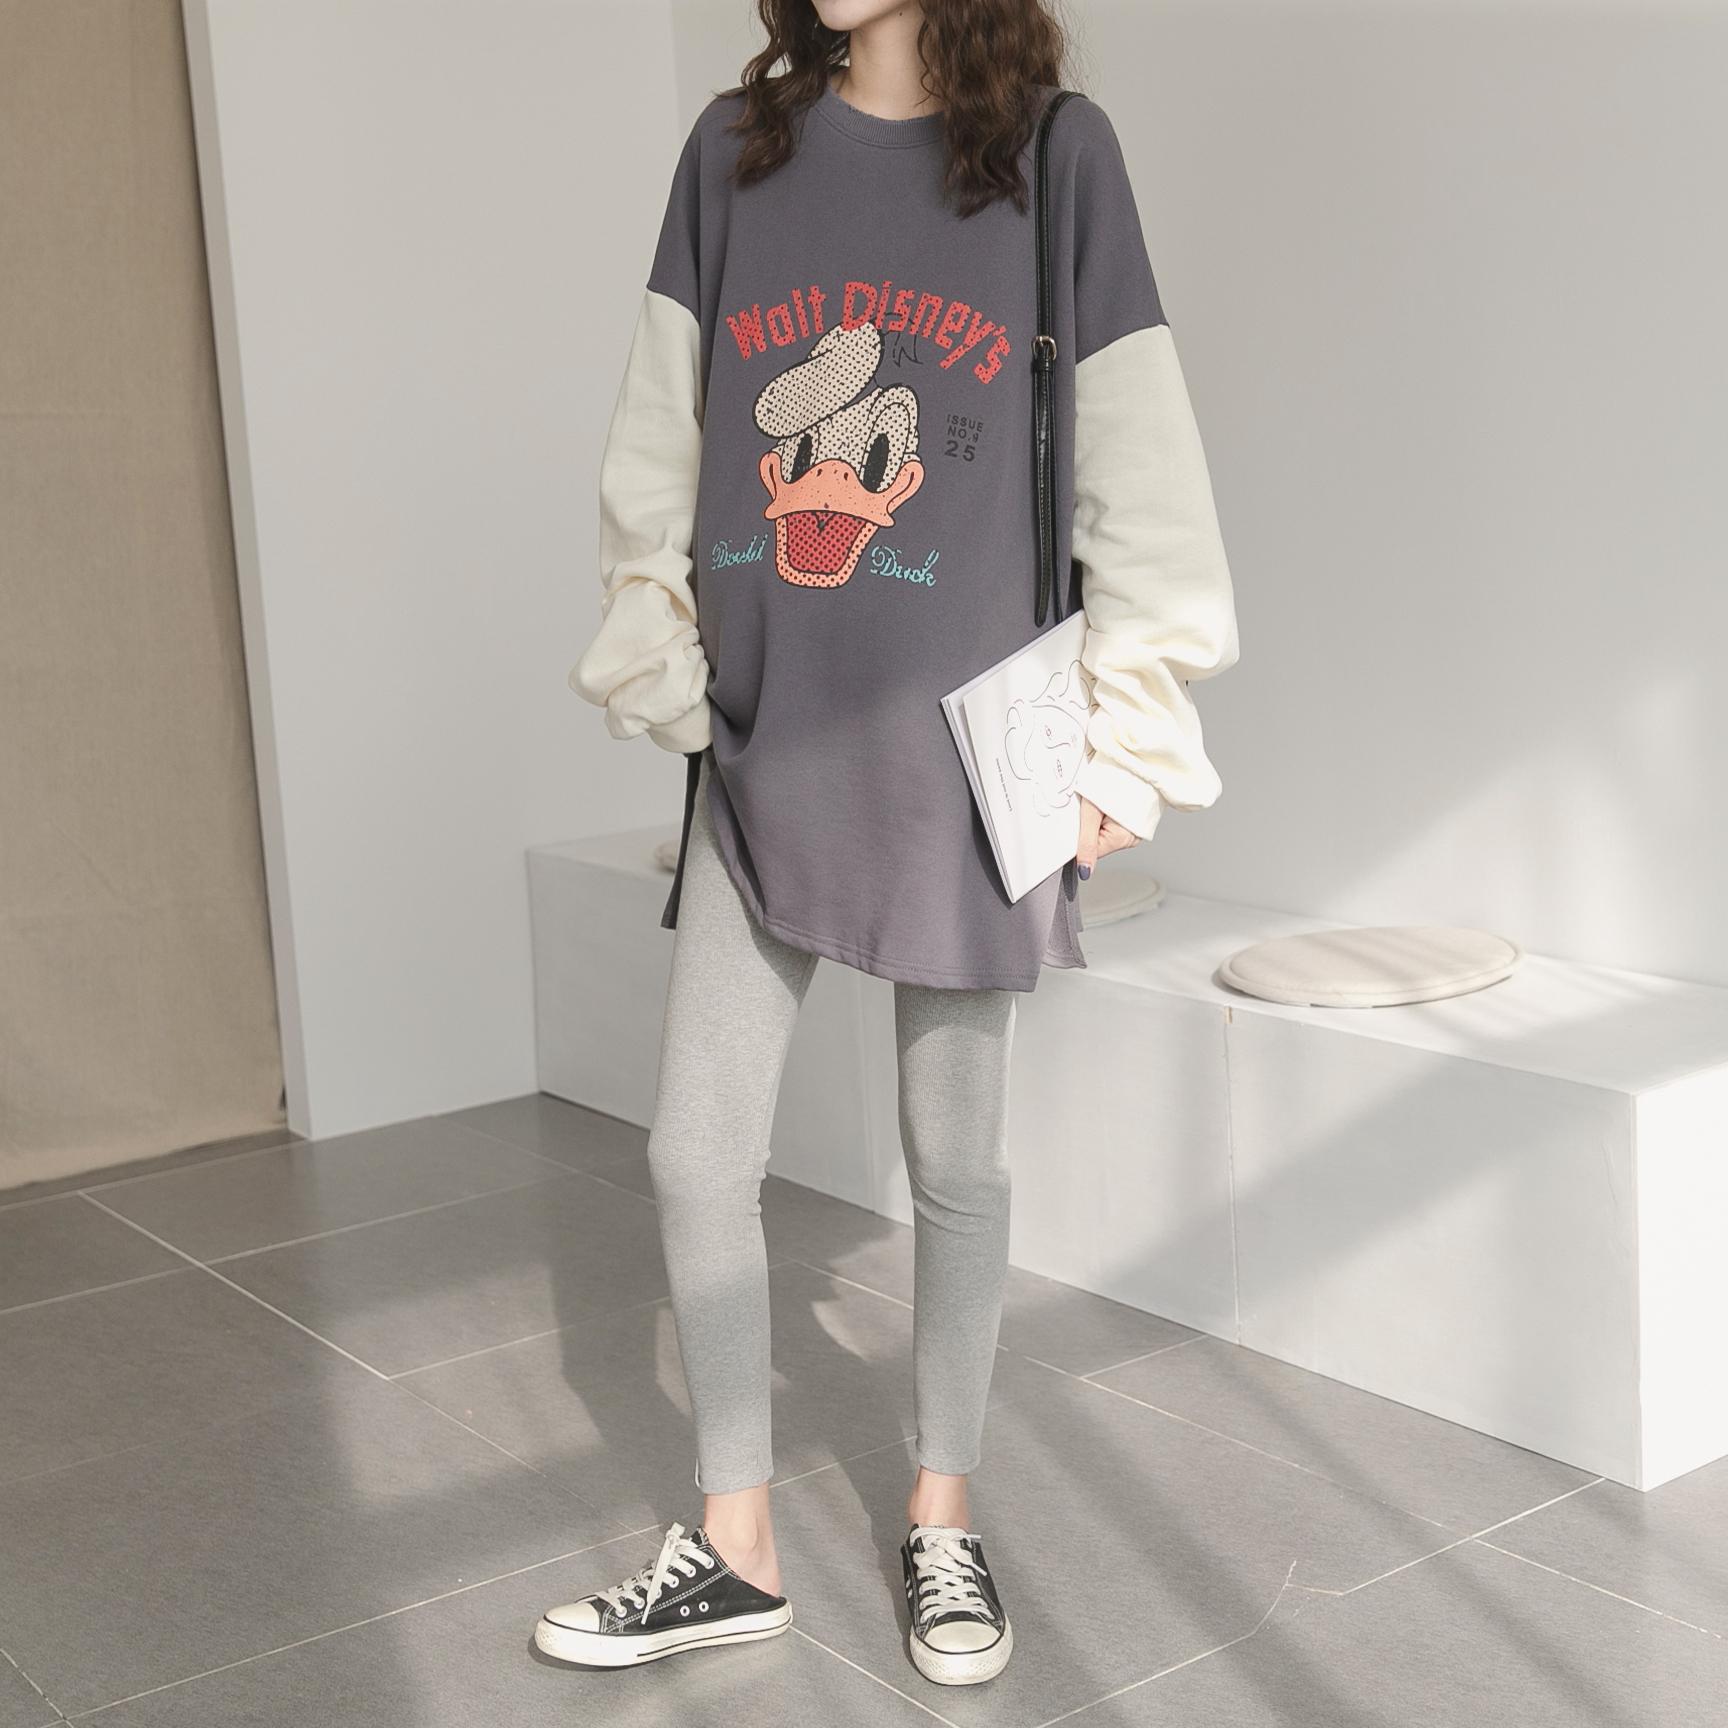 孕妇春装套装时尚款韩国纯棉长袖卡通撞色 恤衫孕妇卫衣两件套潮  T